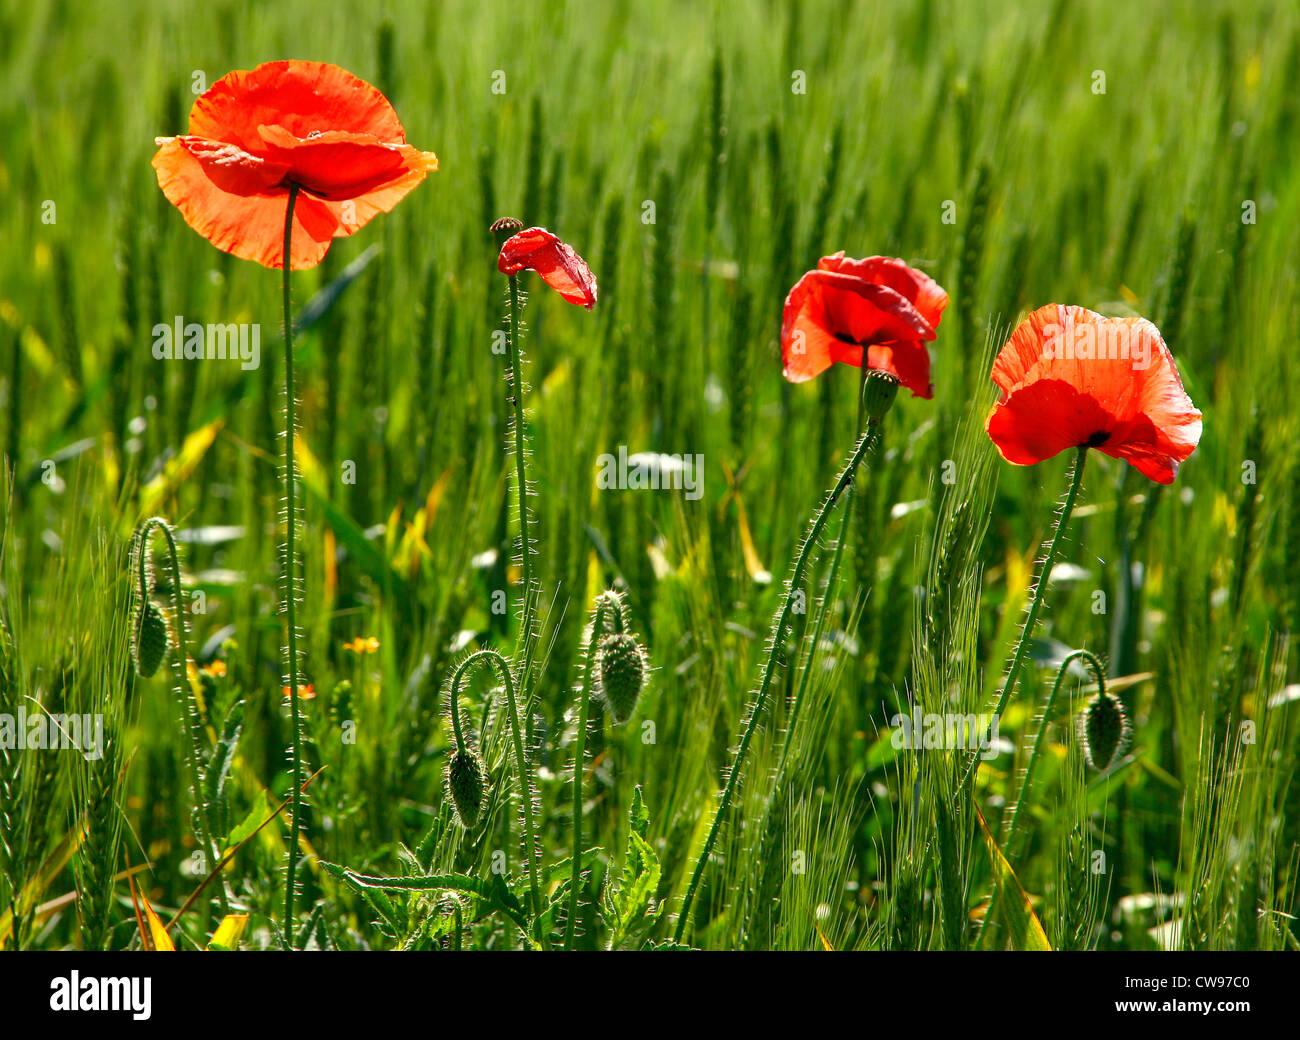 Papavero rosso fiore nel grano verde Immagini Stock